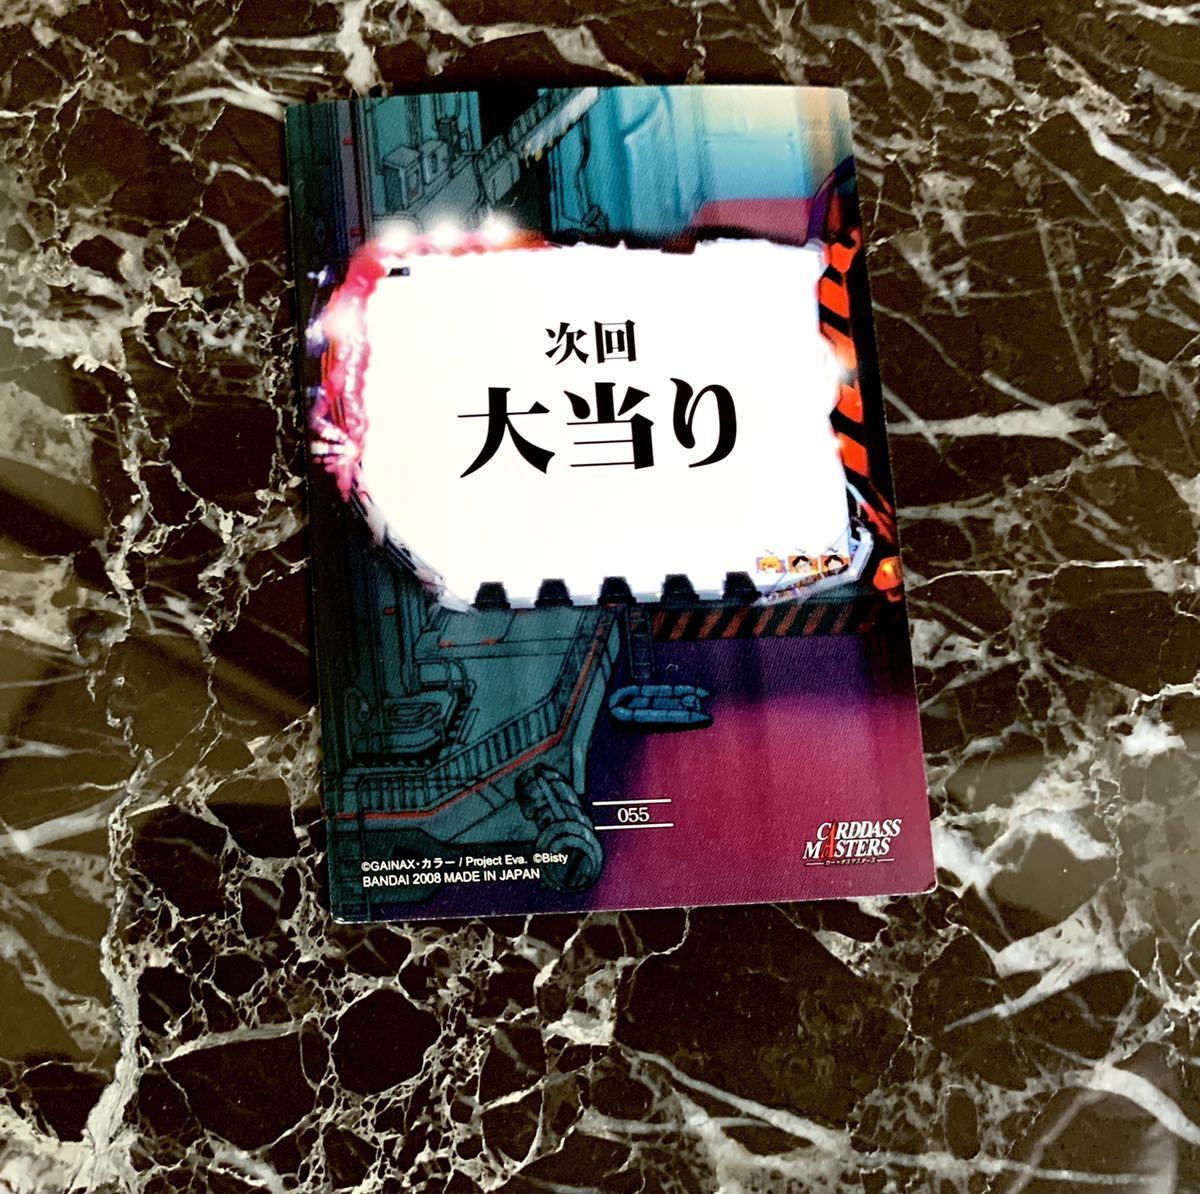 ★【送料無料】★【CRエヴァンゲリオンのトレーディングカード】★【EVANGELION 初号機: 『エヴァンゲリオン初号機:格納庫』 】プレミア_画像9